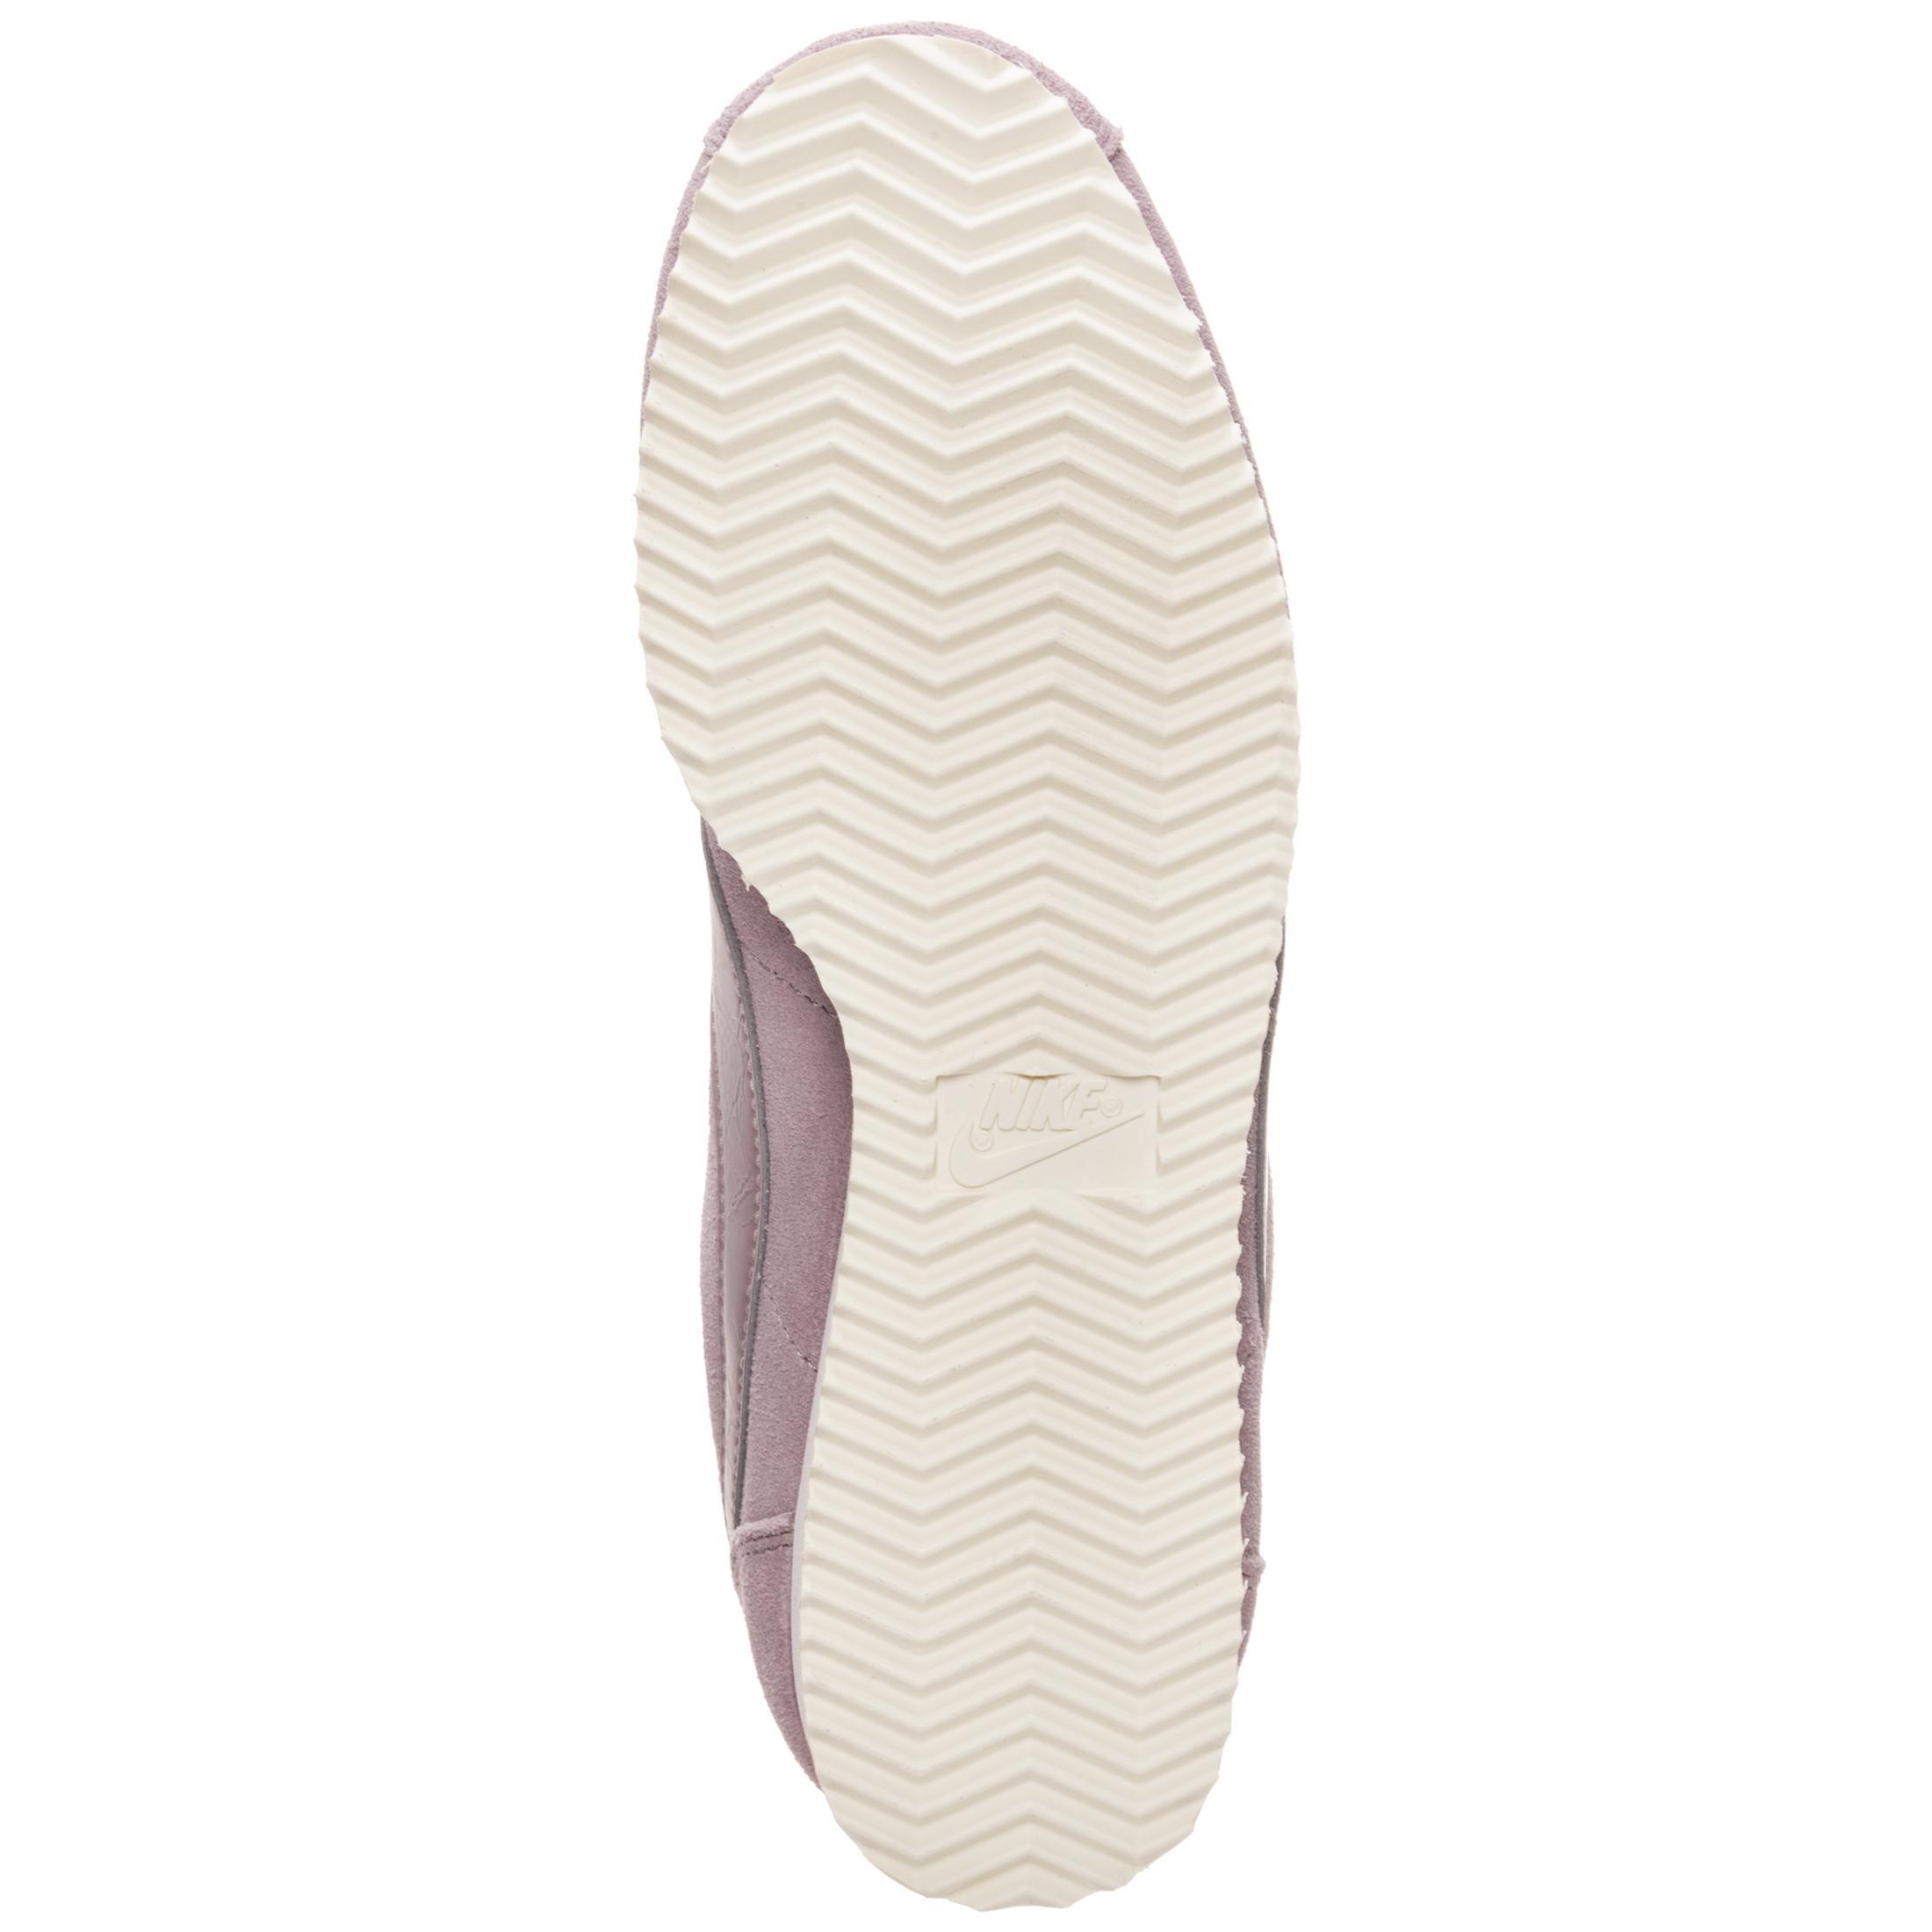 Nike Classic Cortez Suede Turnschuhe Damen flieder flieder flieder im Online Shop von SportScheck kaufen Gute Qualität beliebte Schuhe fe398d